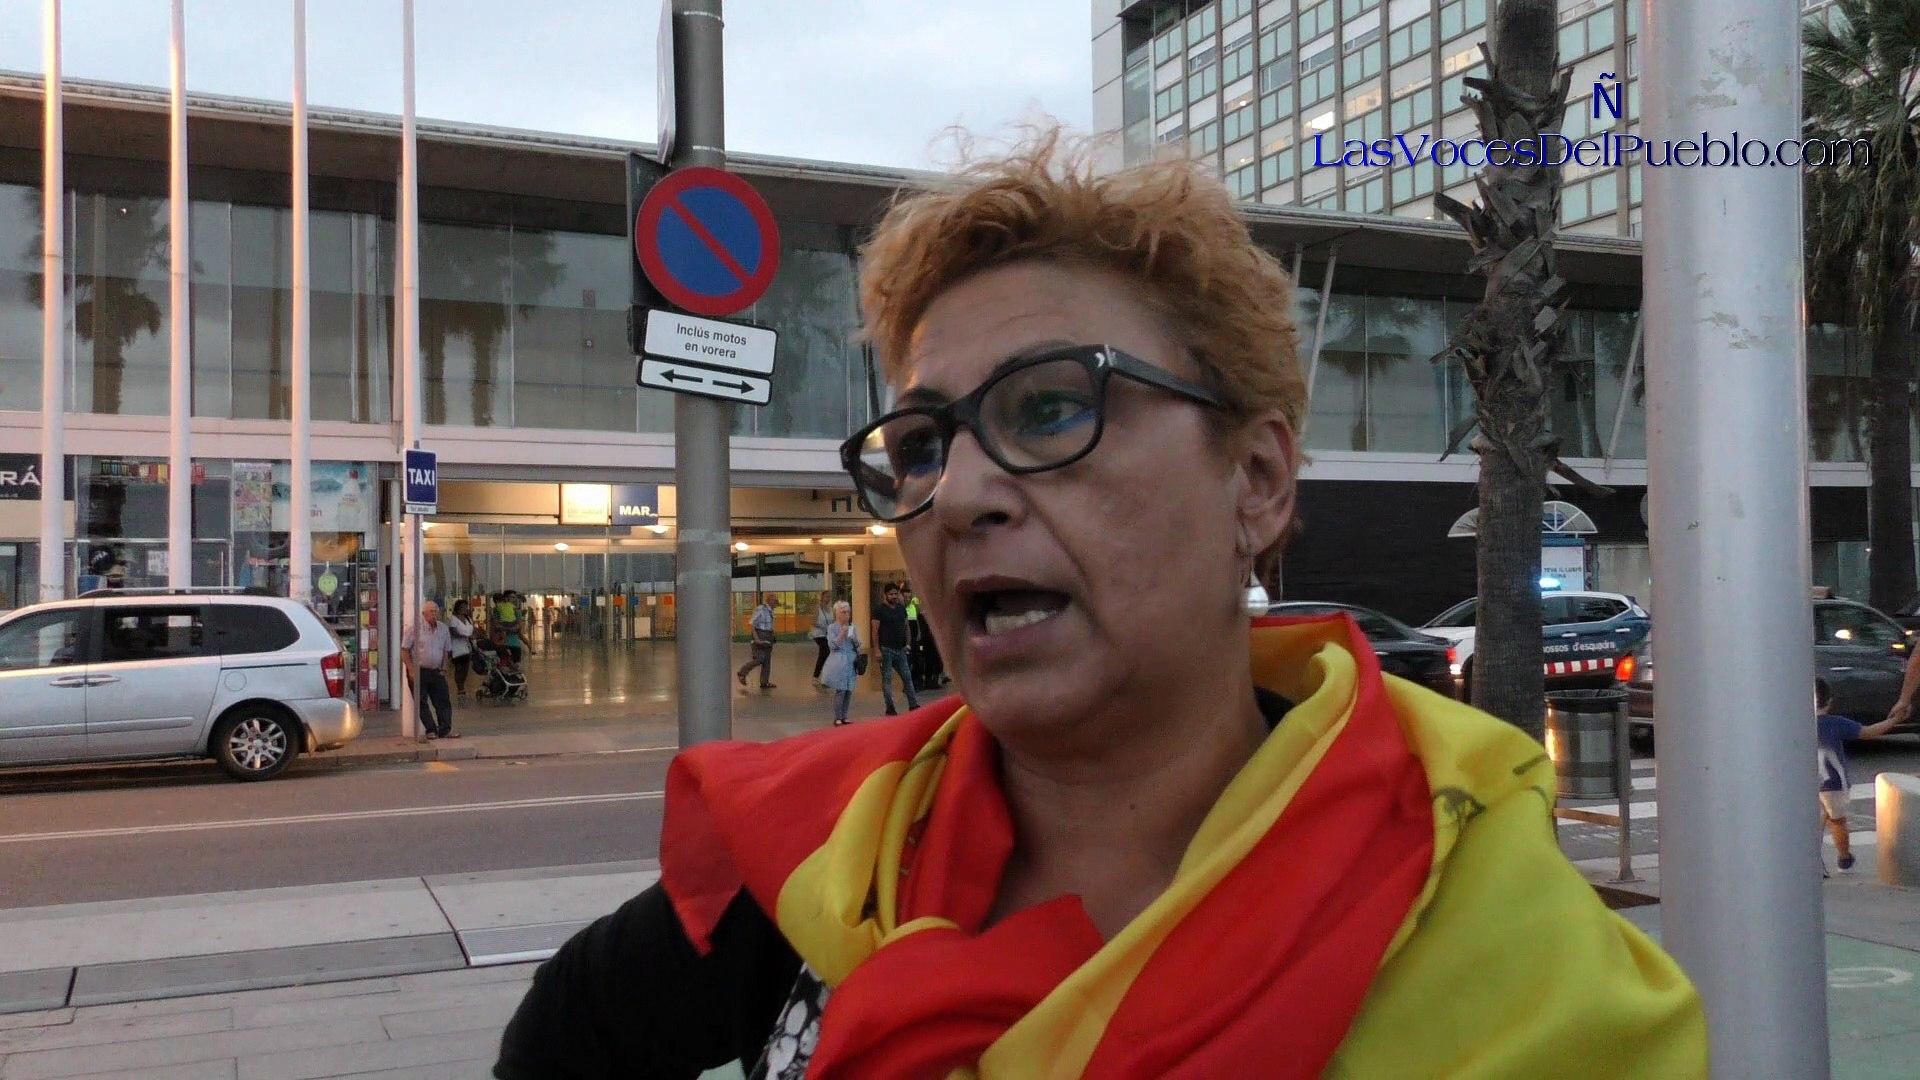 Españolas muestran su cariño ante el Hospital a la española agredida por independista